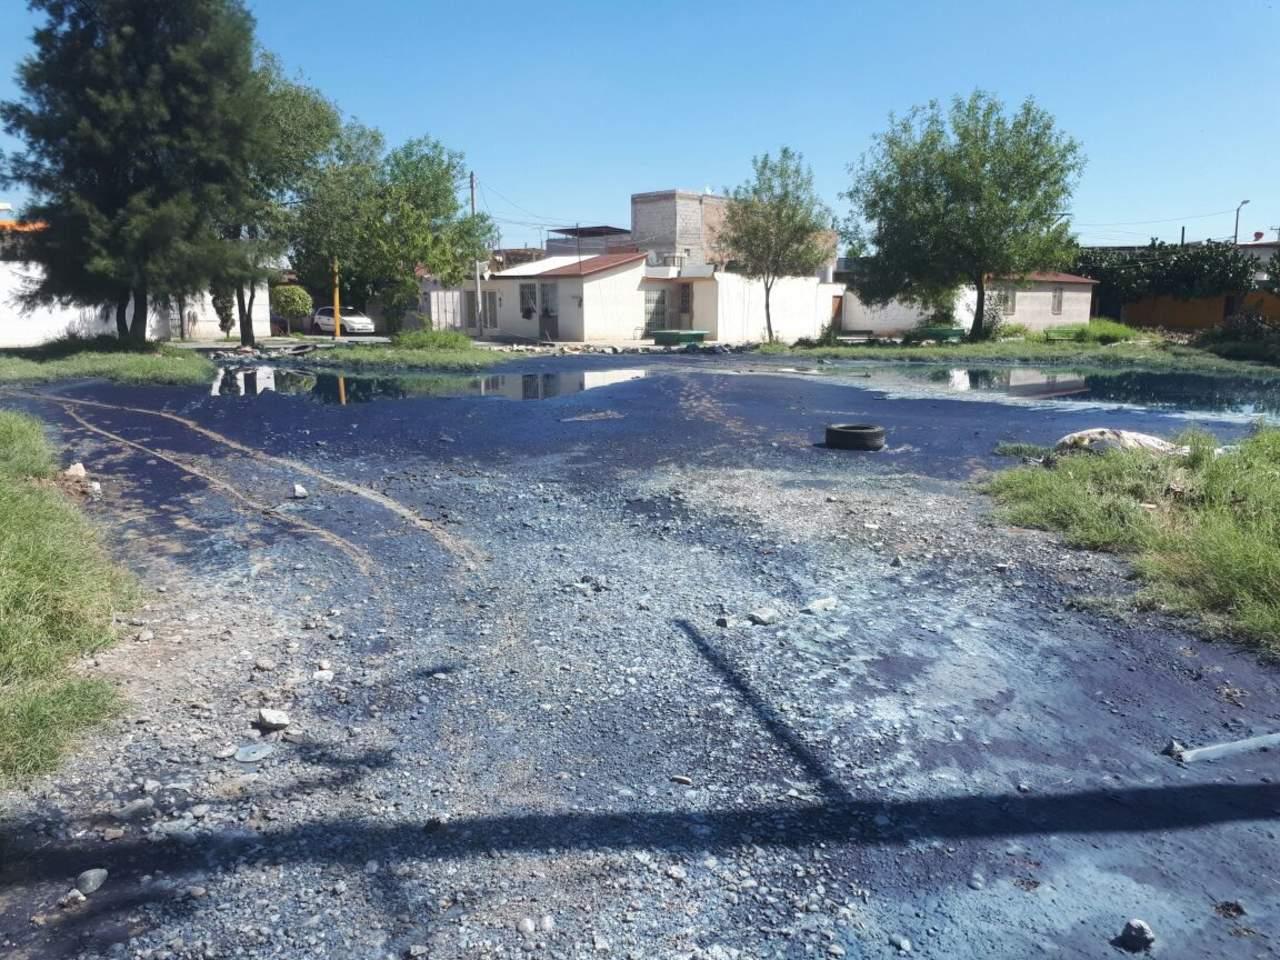 Empresarios y vecinos de Parque Industrial se quejan de agua azul